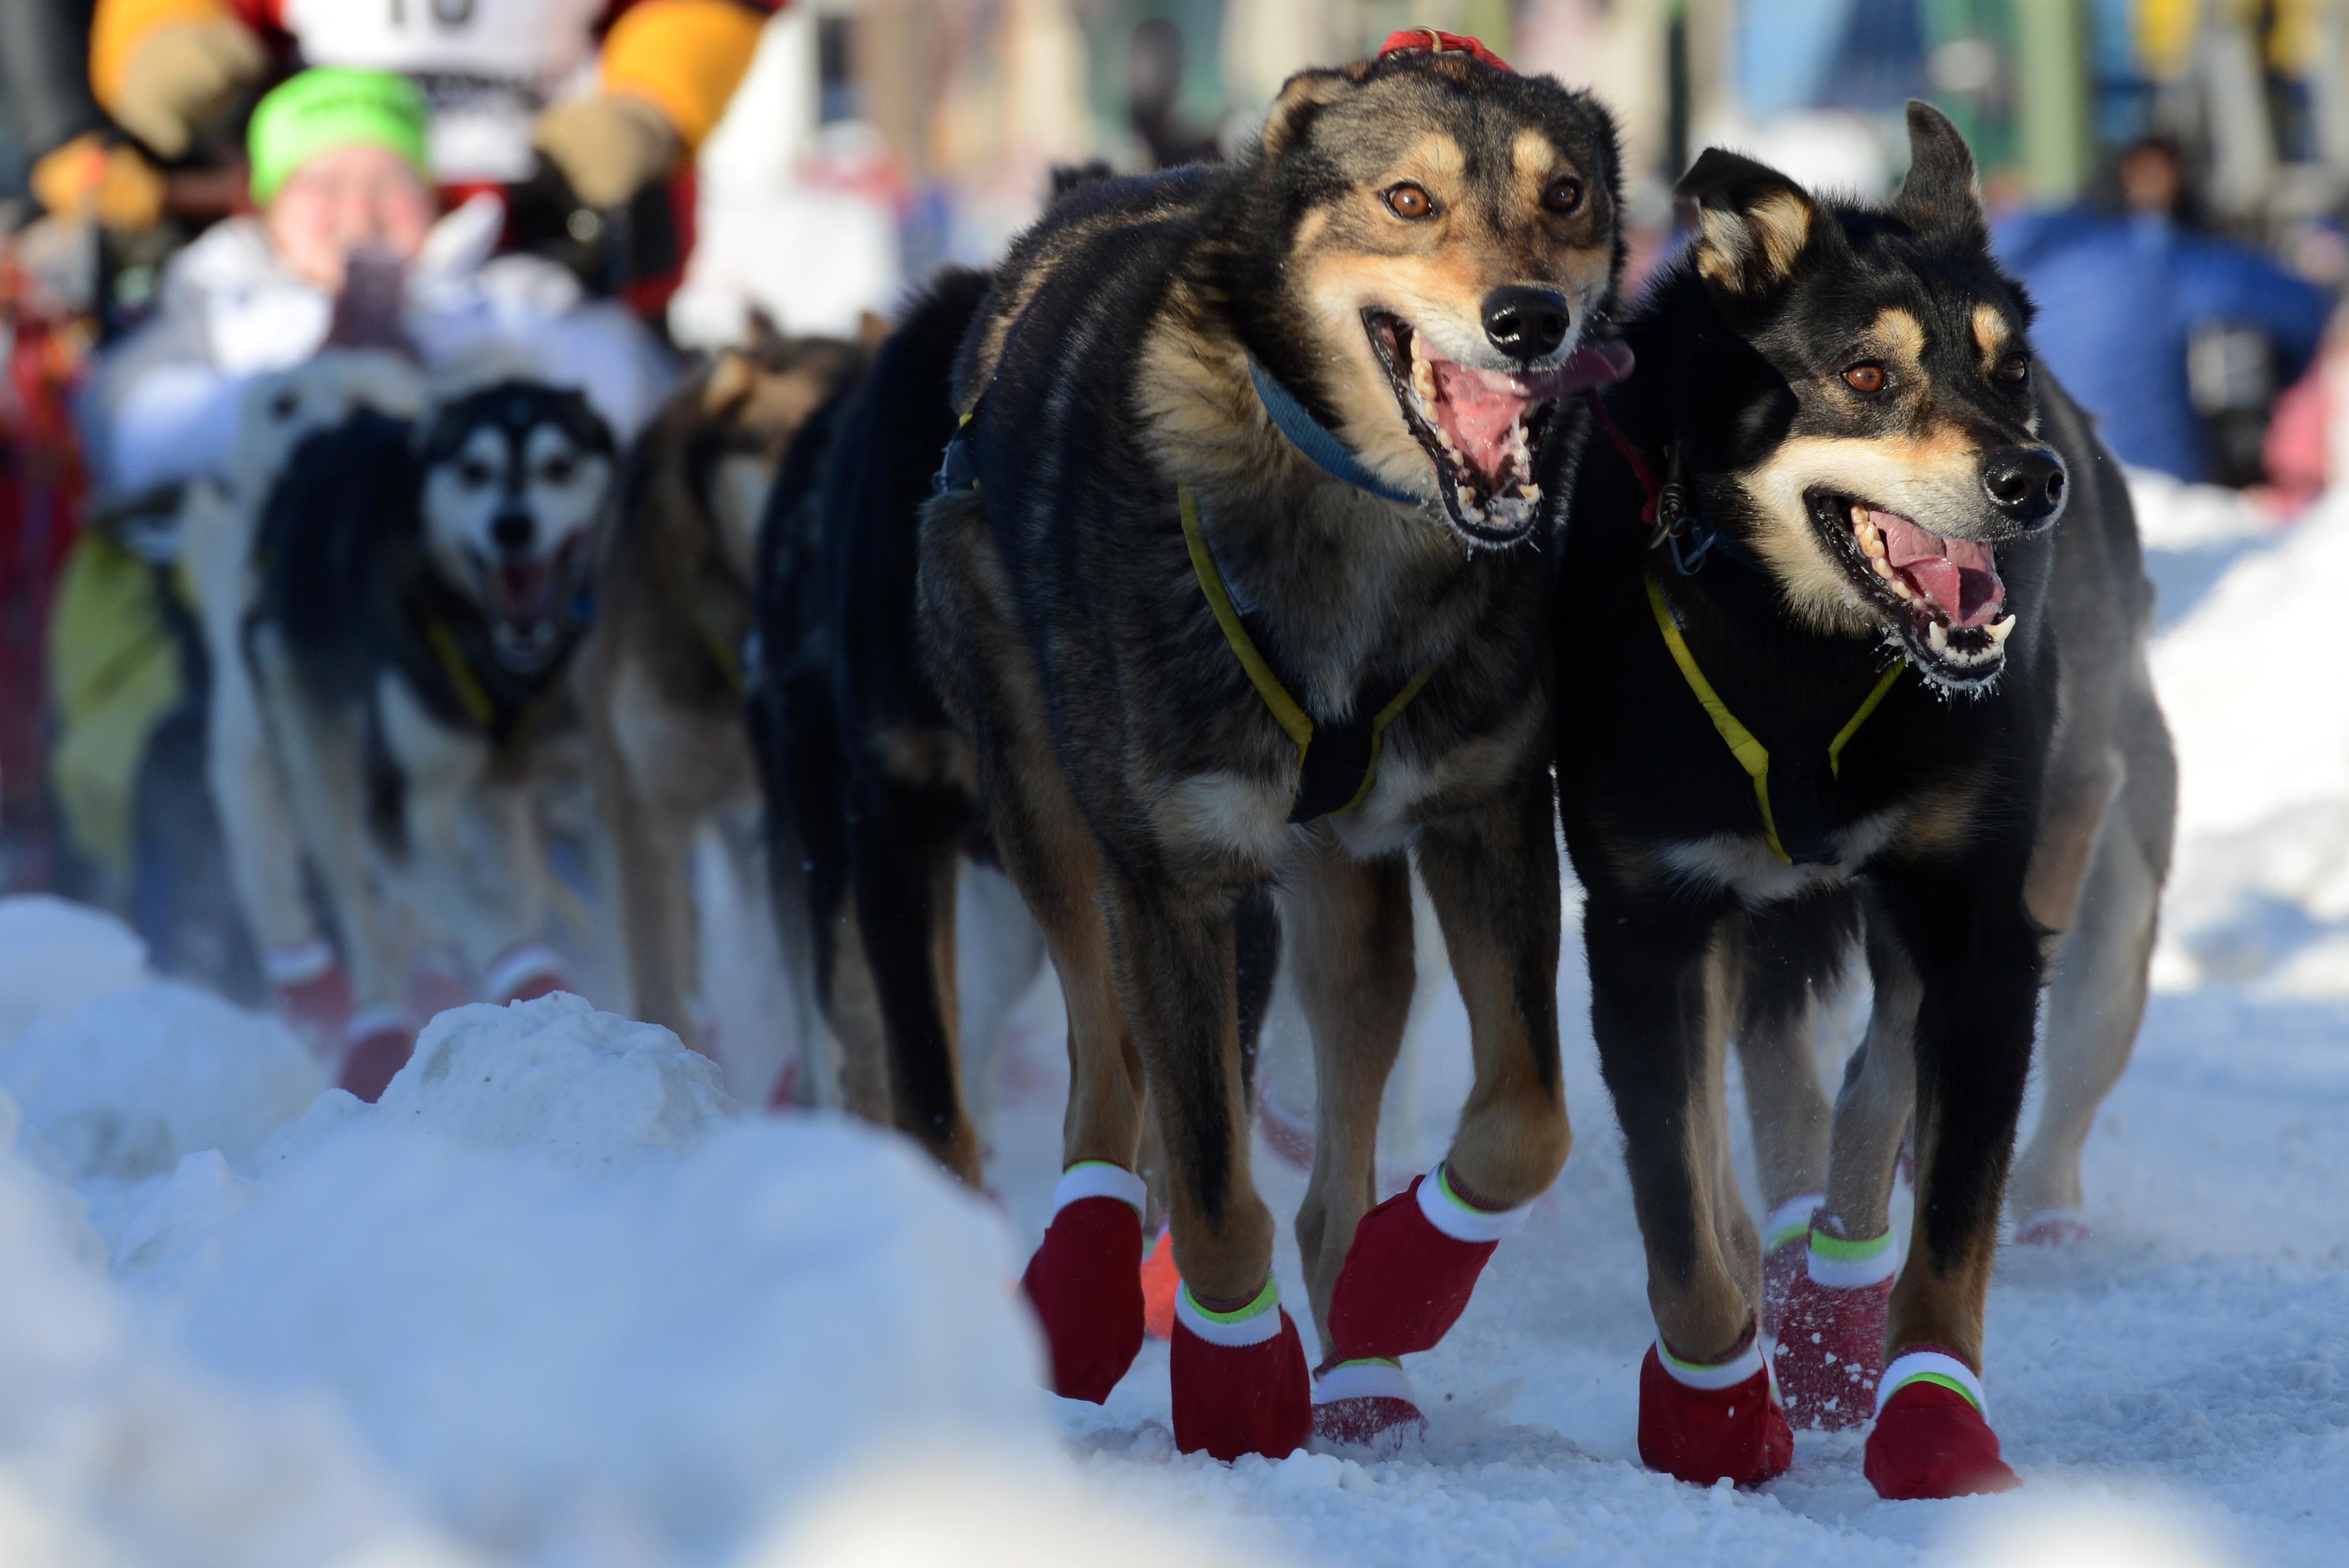 chausson pour chien neige